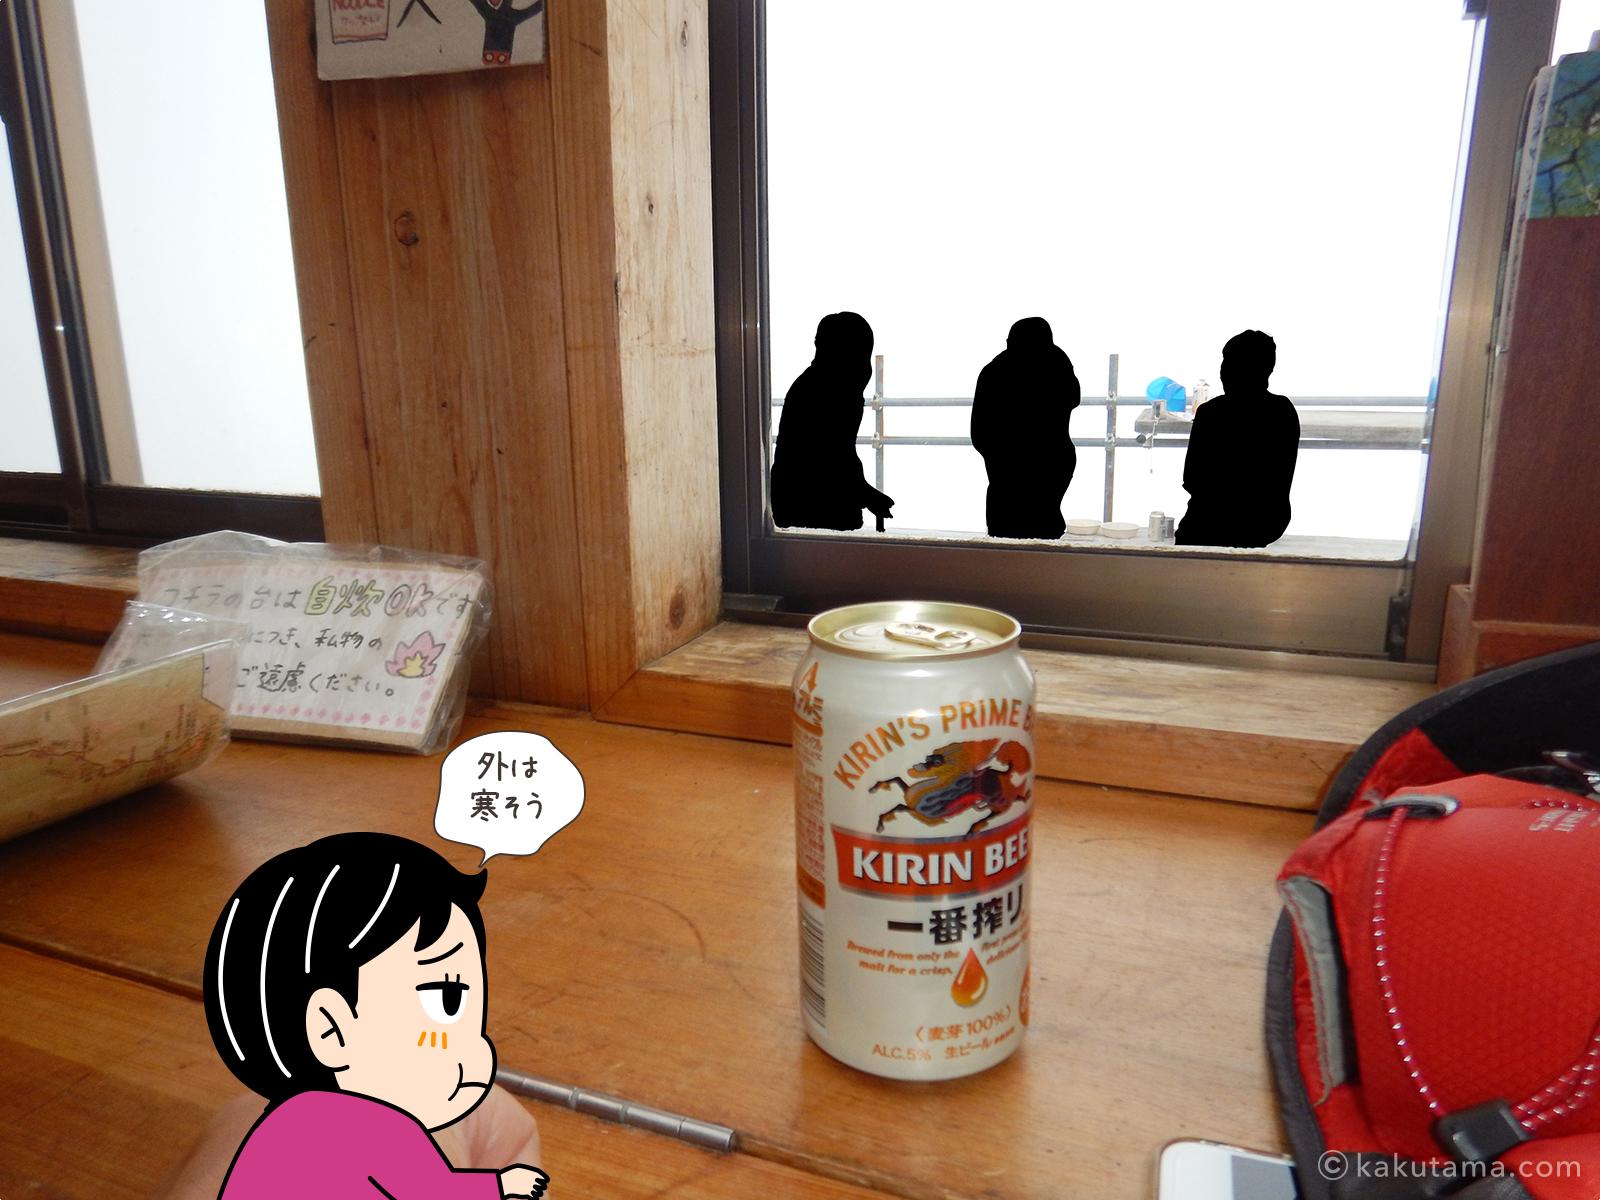 水晶小屋でビールを飲む